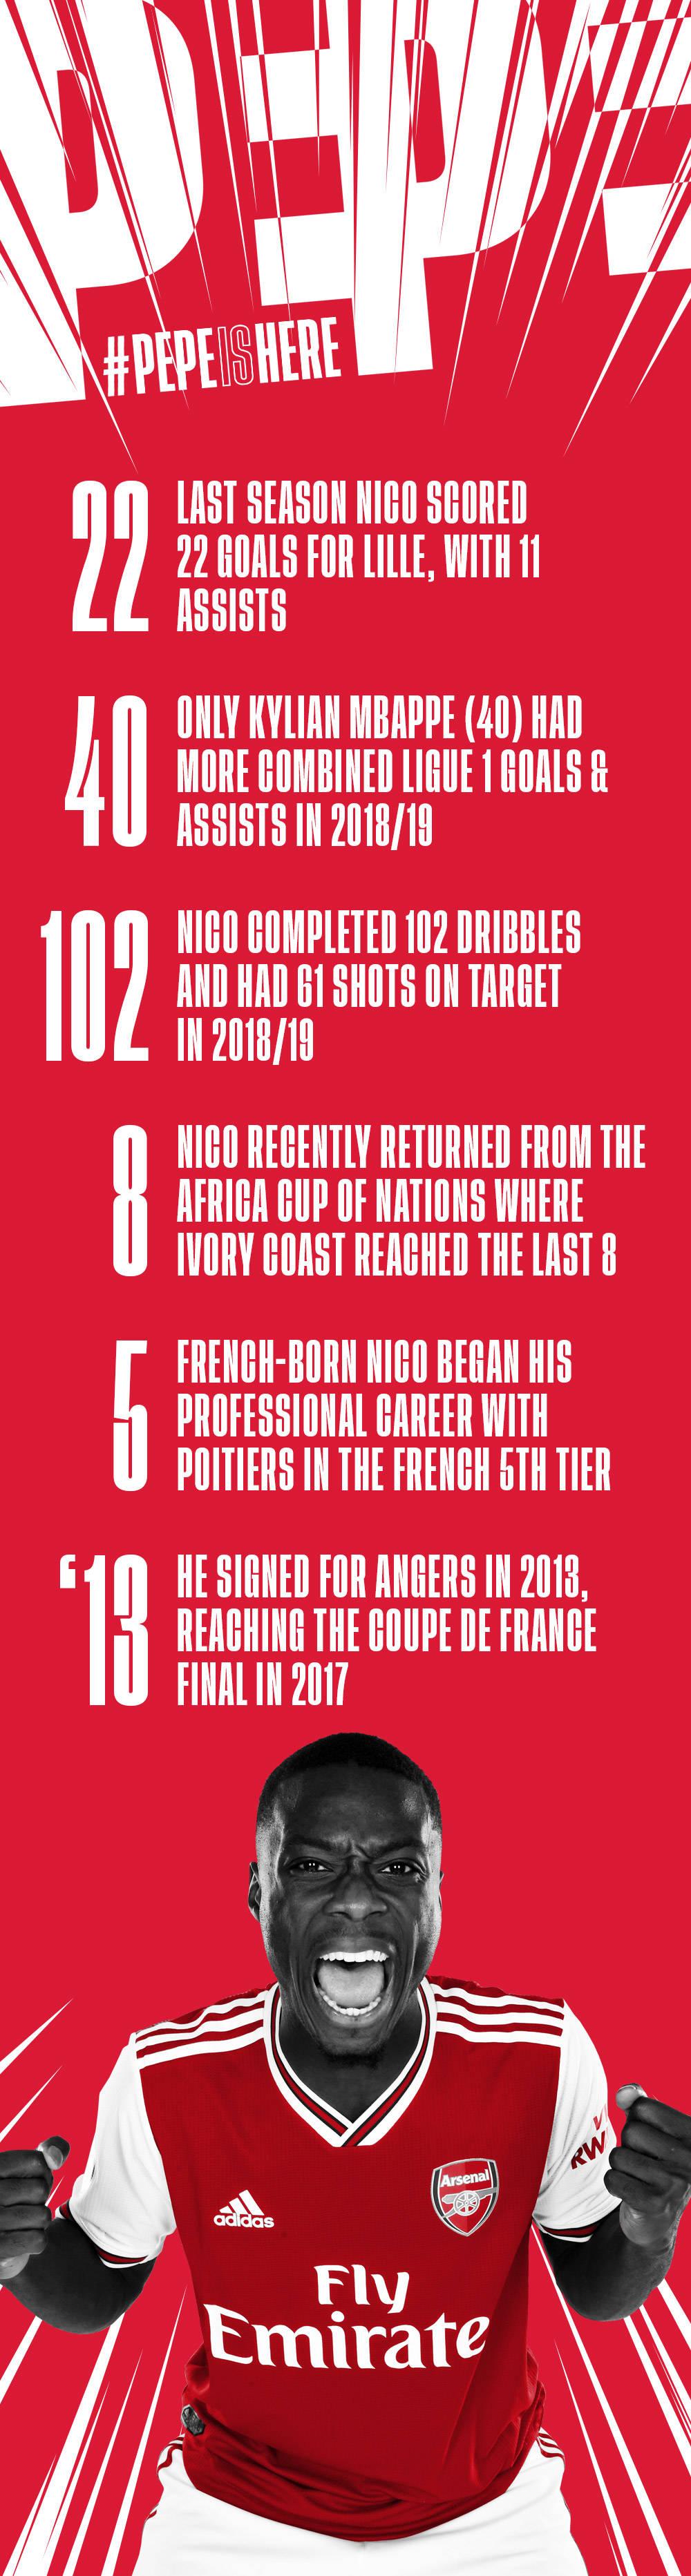 #PepeIsHere-Rasmi Nicolas Pepe ni mchezaji wa Arsenal